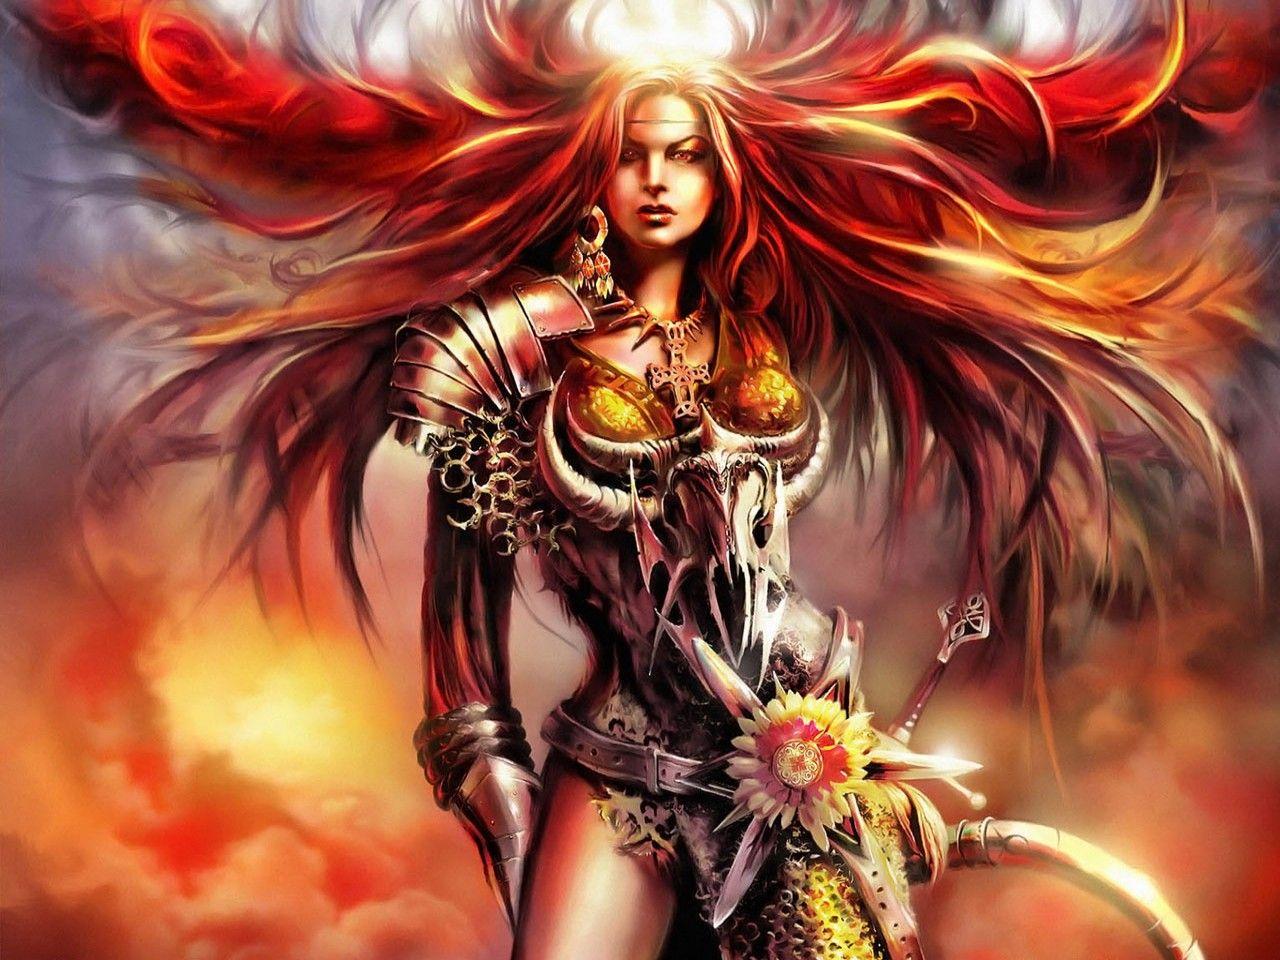 Fun Plannet fantasy women art wallpapers 1280x960